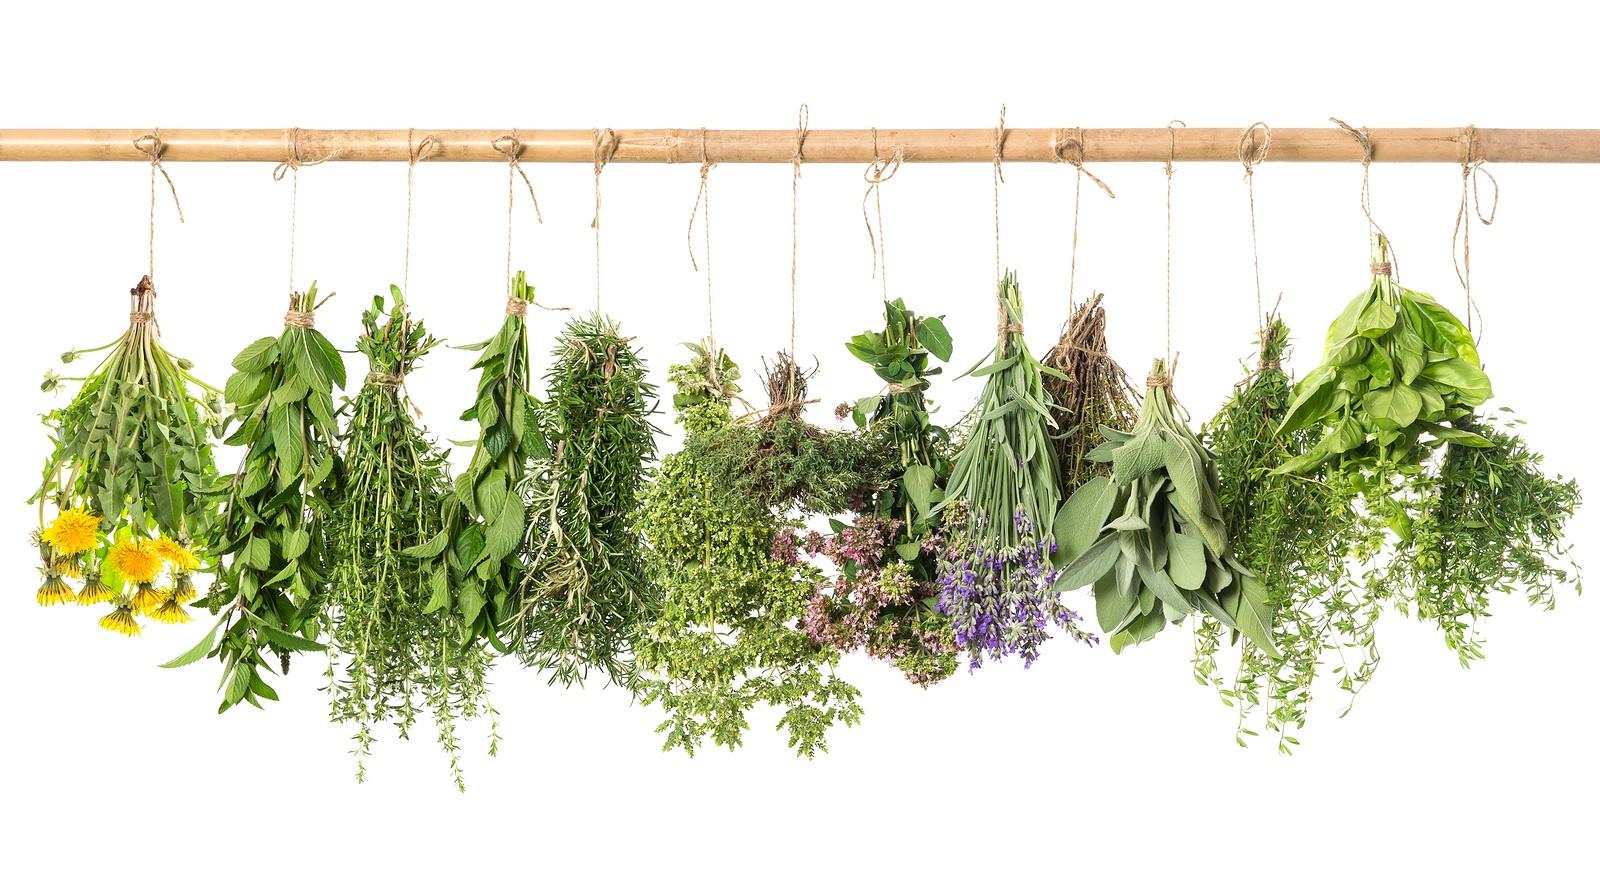 Gyógynövénytermesztők figyelem: még sok pénz vár gazdára a pályázati büdzsében